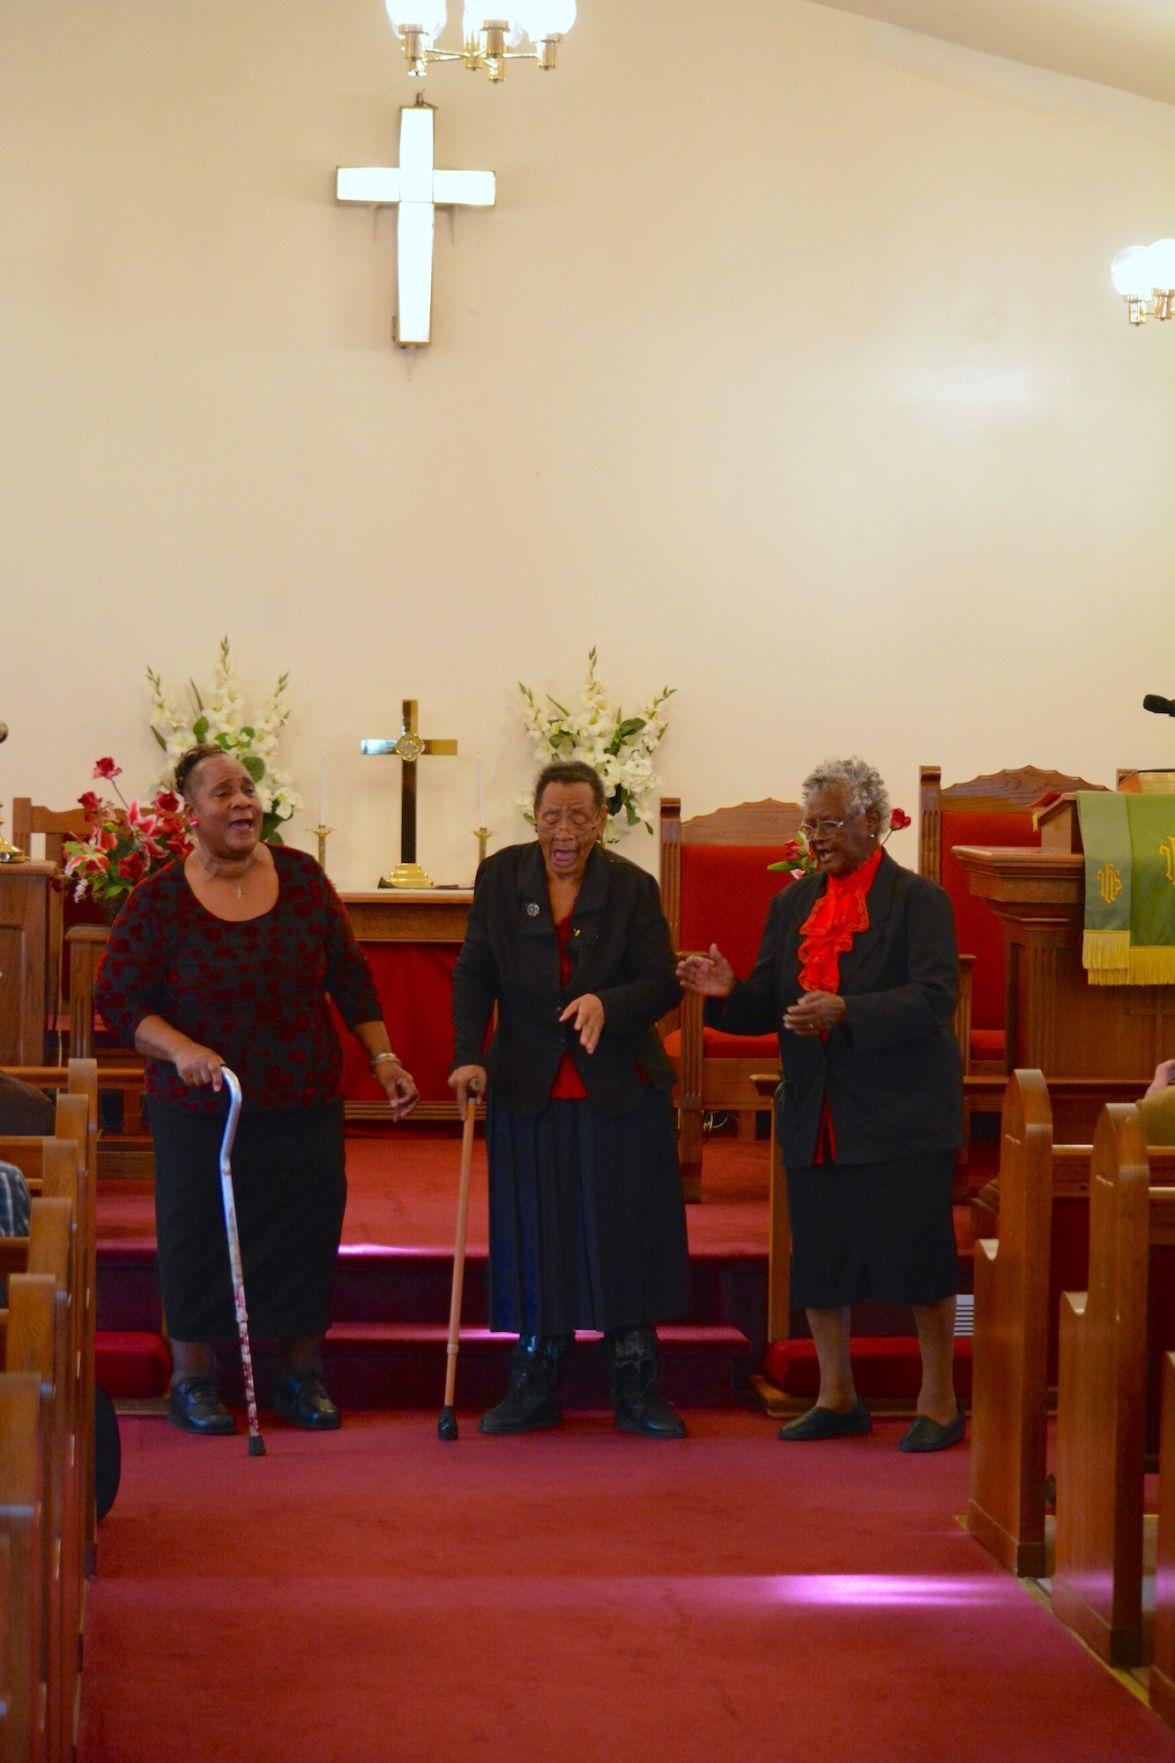 Graves Chapel concert celebrates Dr. King, unity